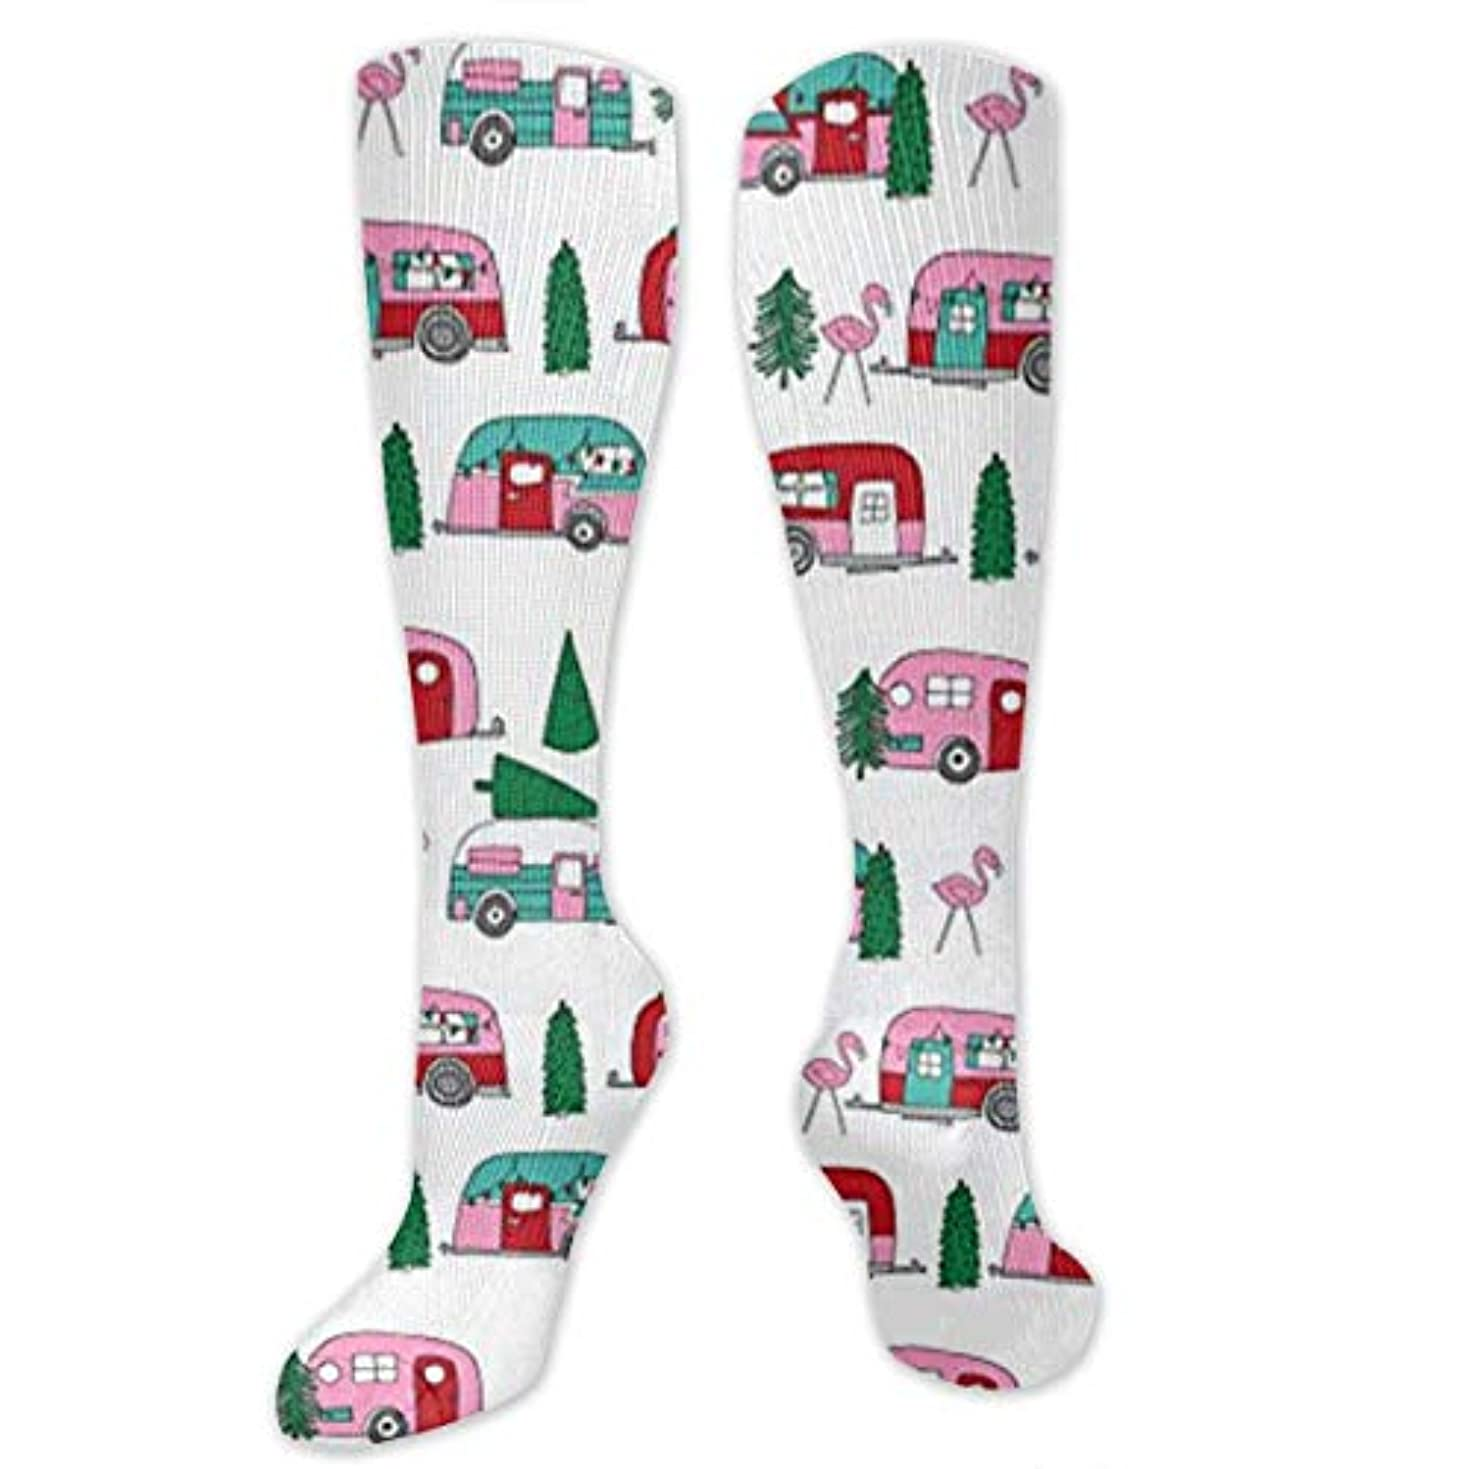 式ところで応答靴下,ストッキング,野生のジョーカー,実際,秋の本質,冬必須,サマーウェア&RBXAA Christmas Campers Xmas Holiday Socks Women's Winter Cotton Long Tube...